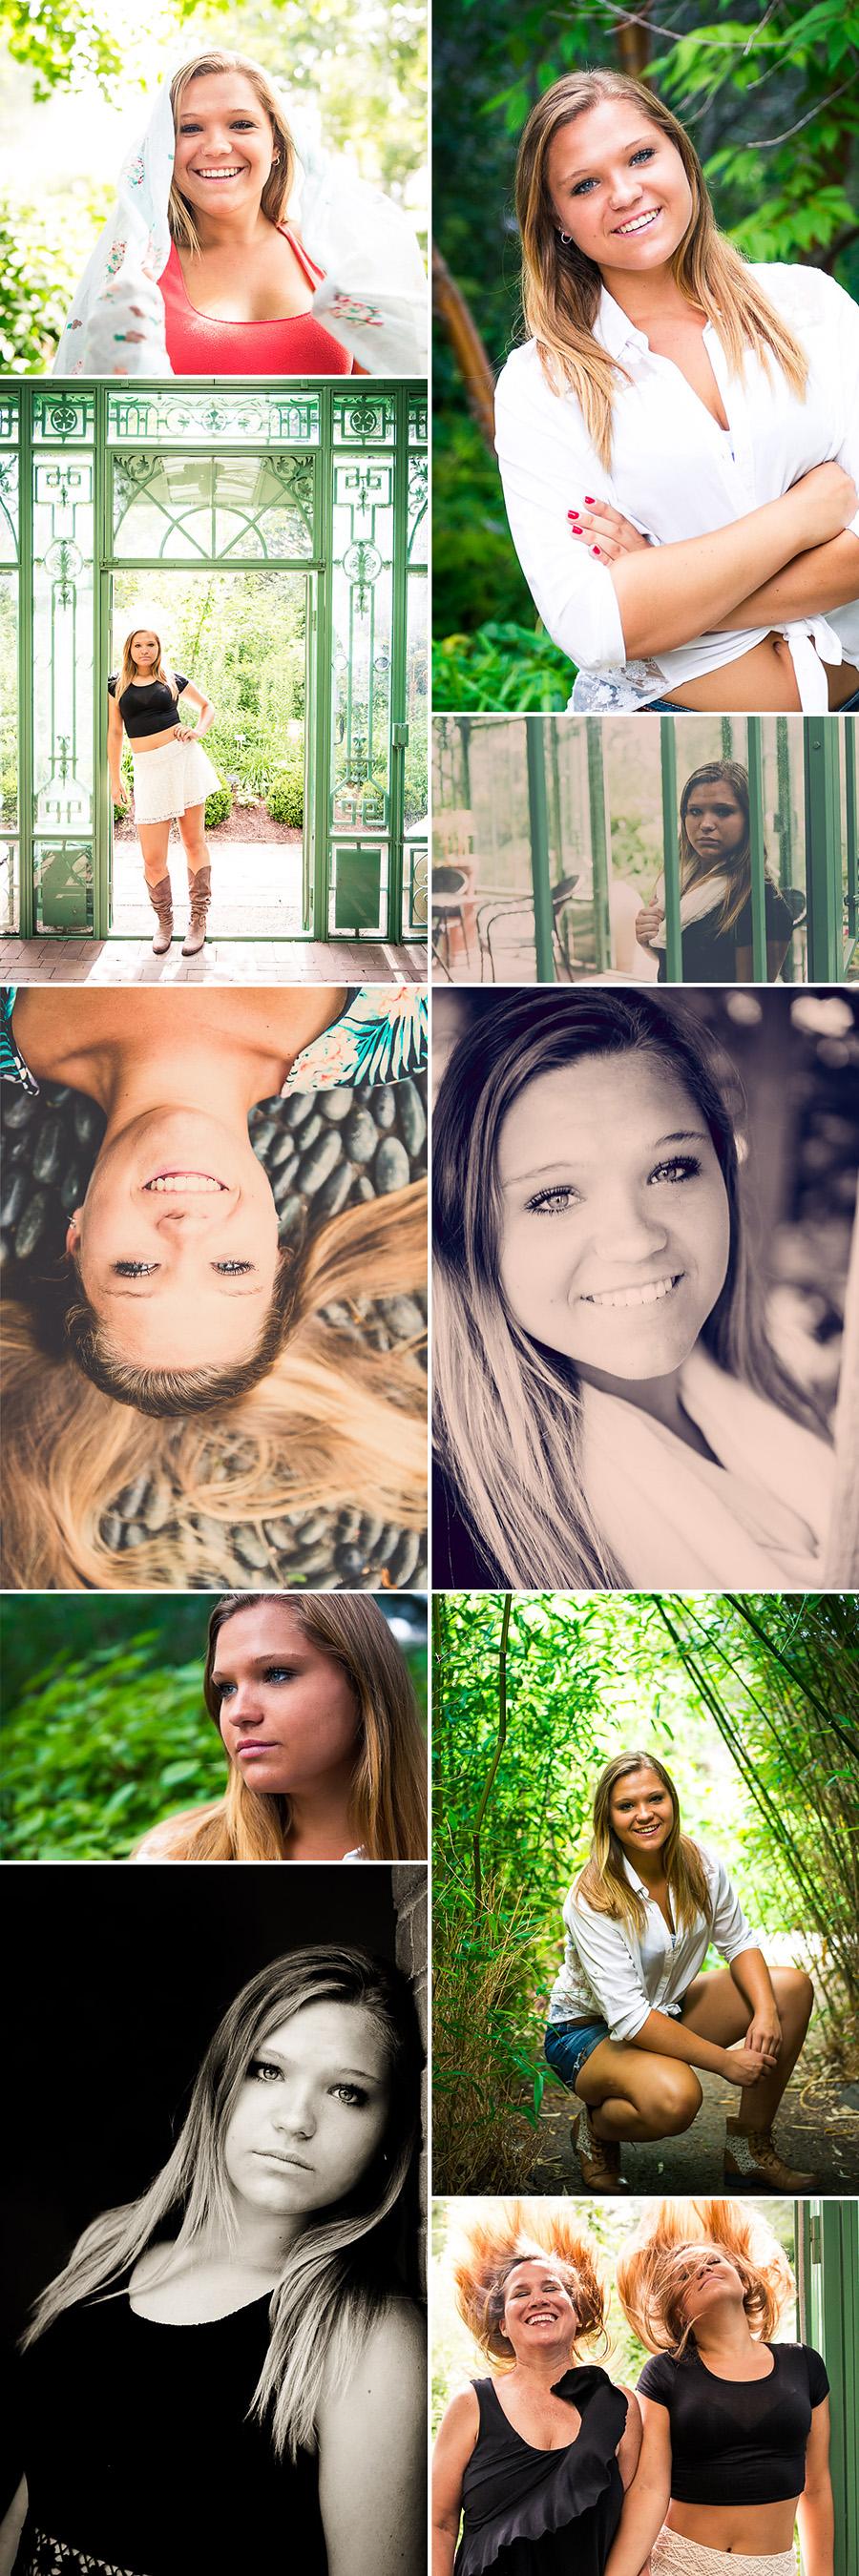 Mountain Range Senior Photos AshleyZ collage